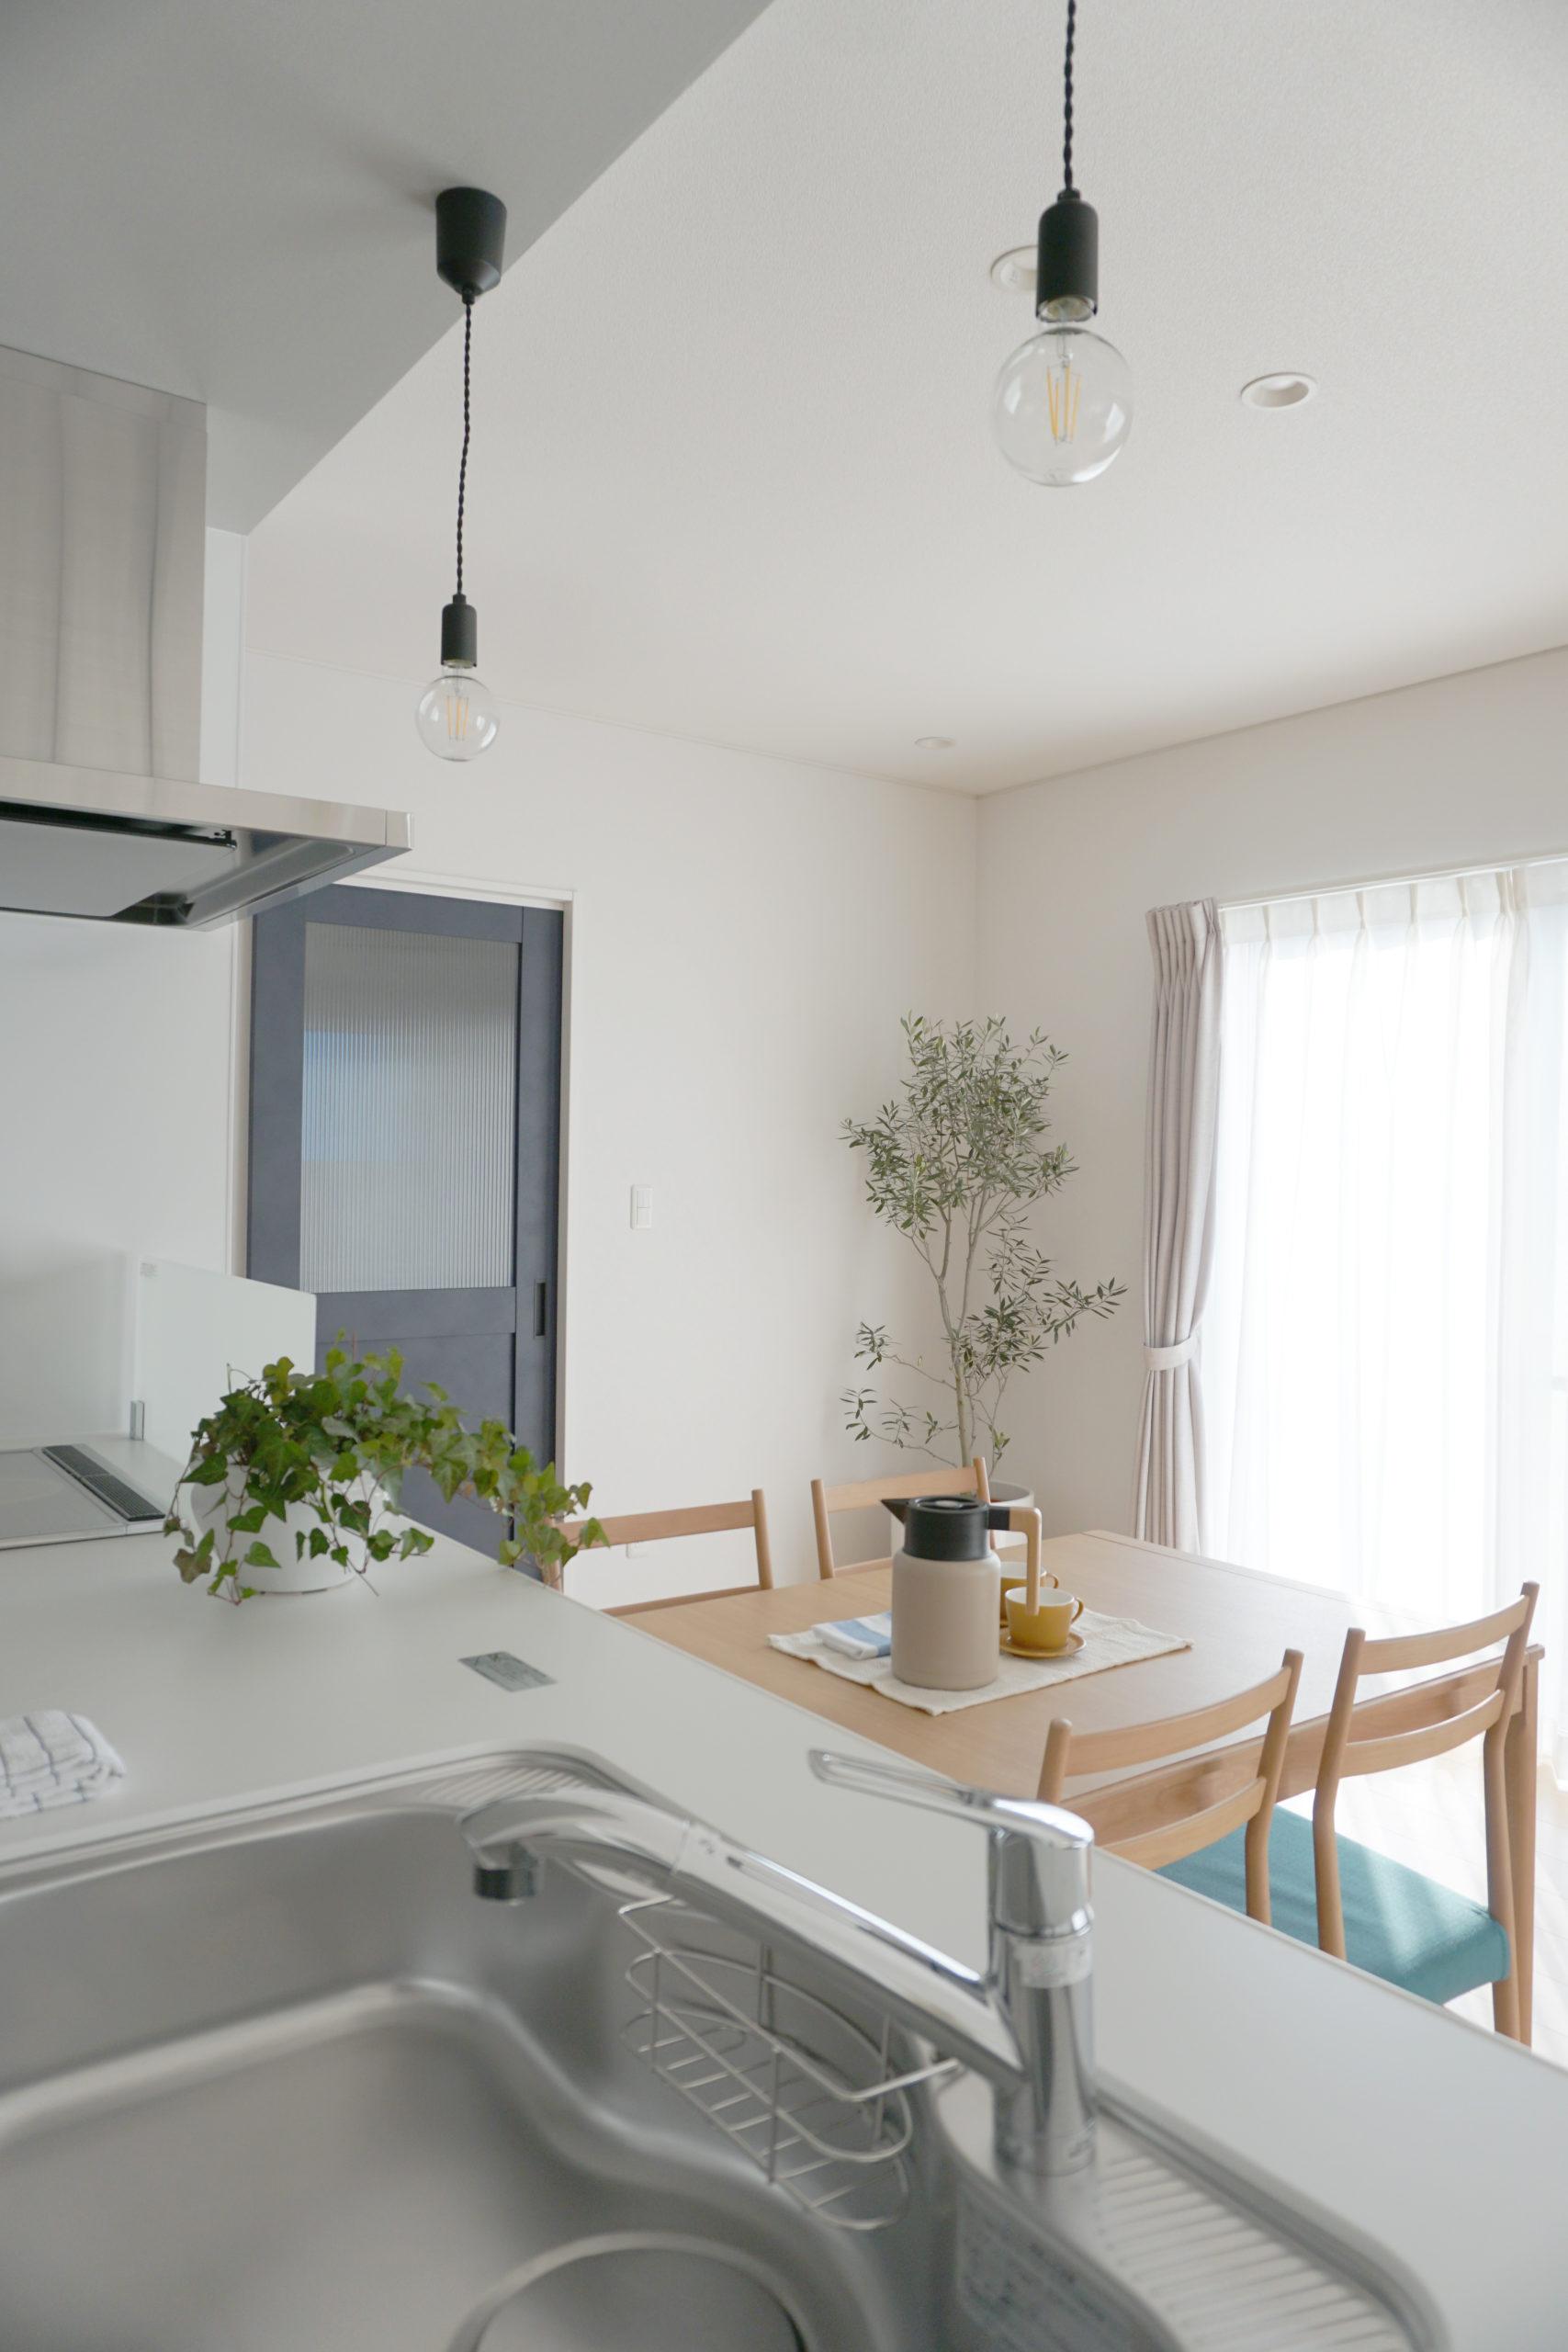 福山市の注文住宅|今井住建の施工事例ギャラリー「対面式キッチンは会話も料理も楽しみながら」